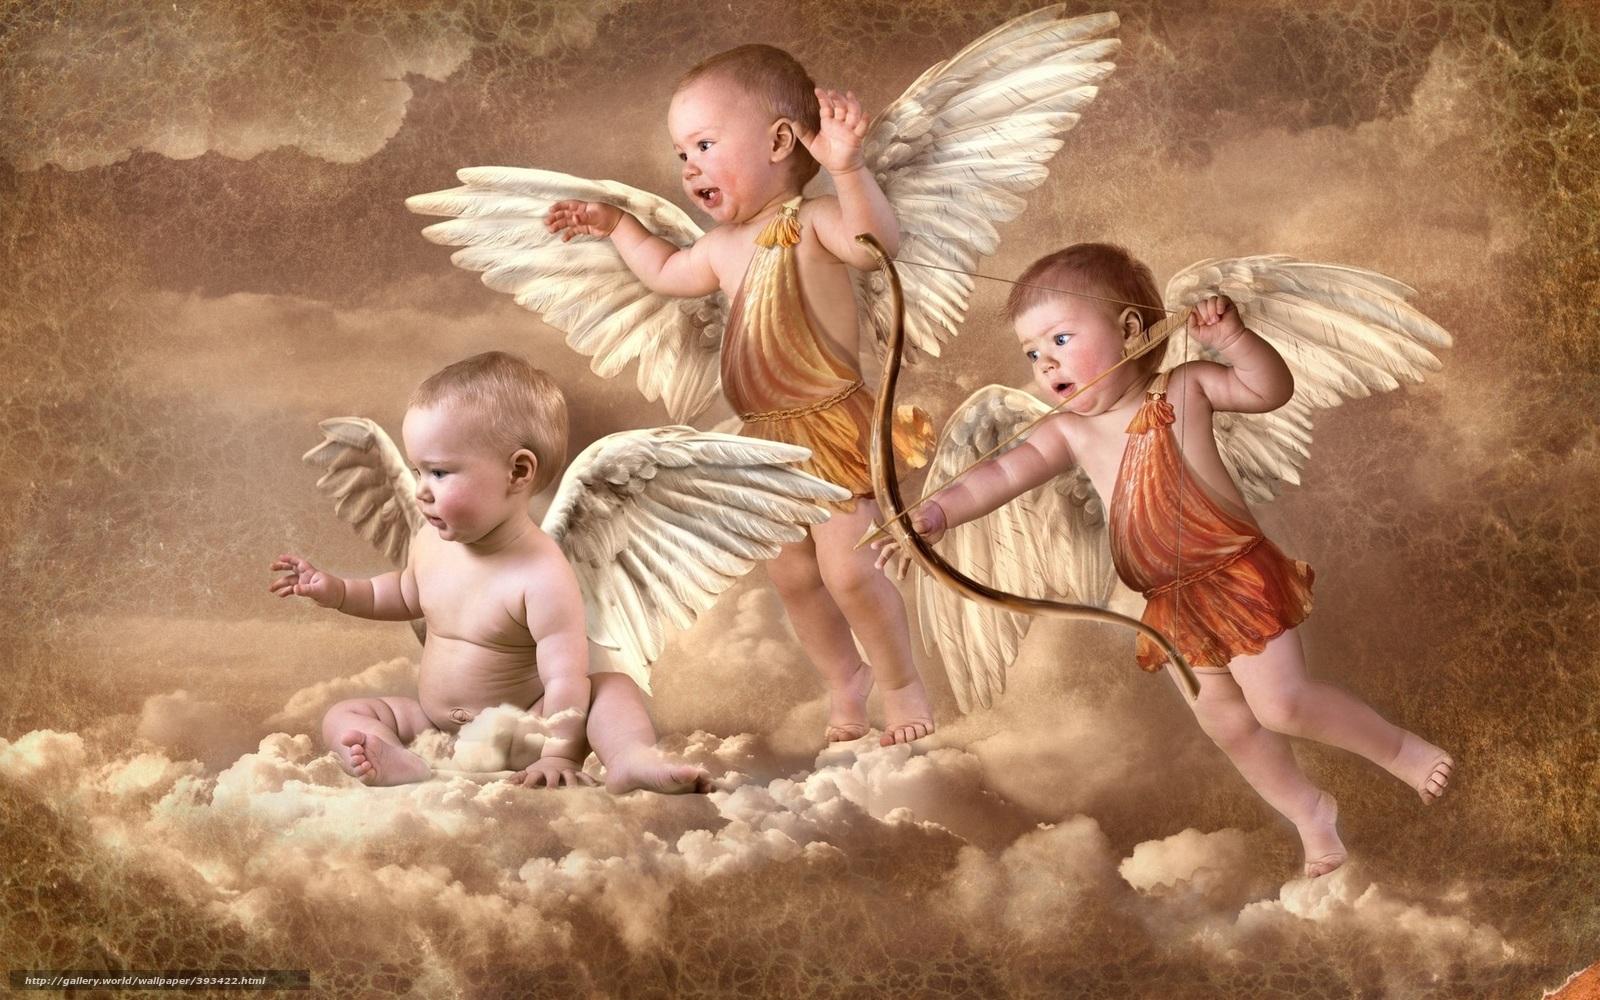 scaricare gli sfondi angeli amorini amorini nuvole sfondi gratis per la risoluzione del. Black Bedroom Furniture Sets. Home Design Ideas